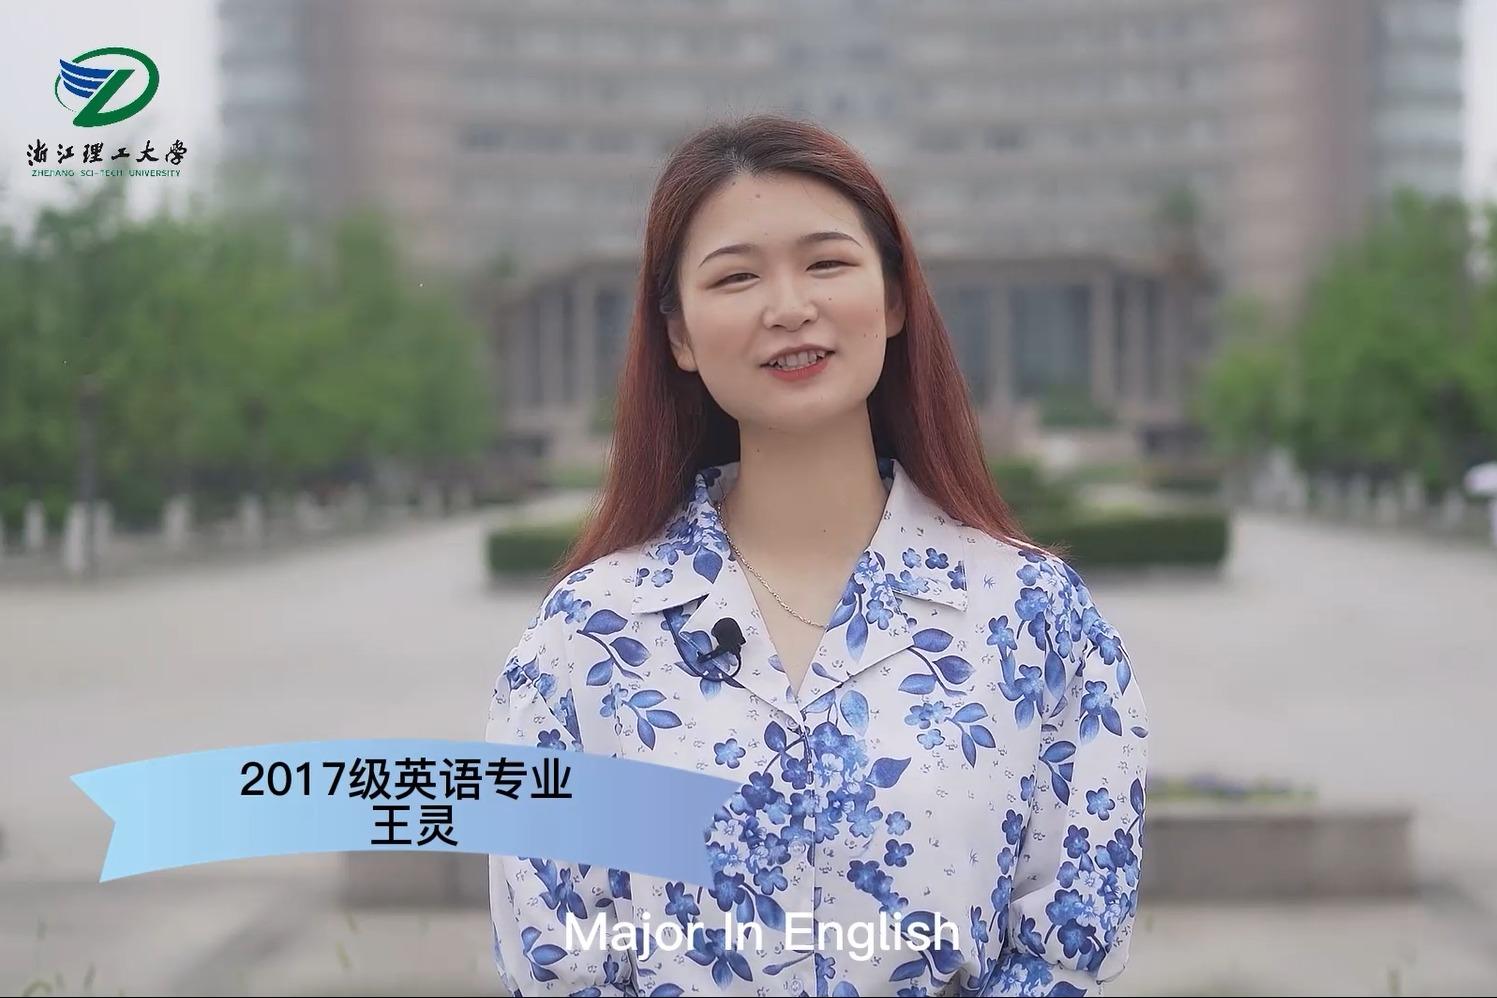 浙理优生 | 不年年拿下奖学金的学生会主席不是称职的外语学院大神